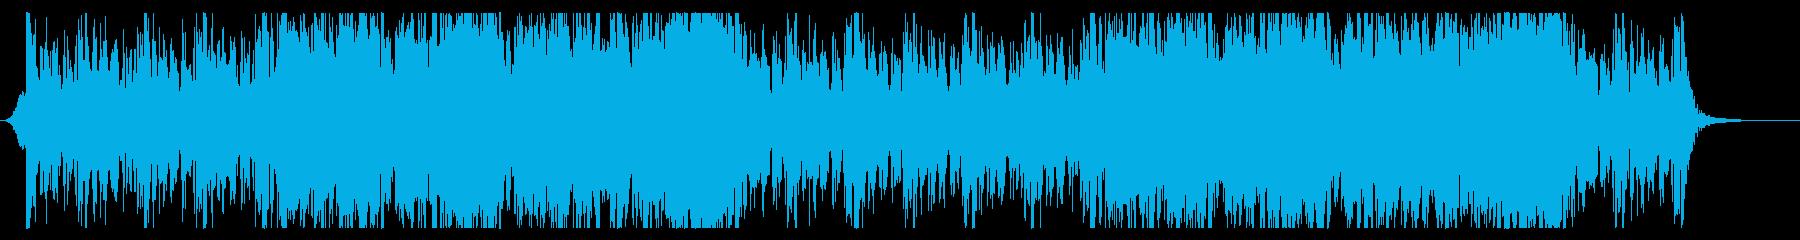 勇ましい曲調のオーケストラ 登場シーンの再生済みの波形